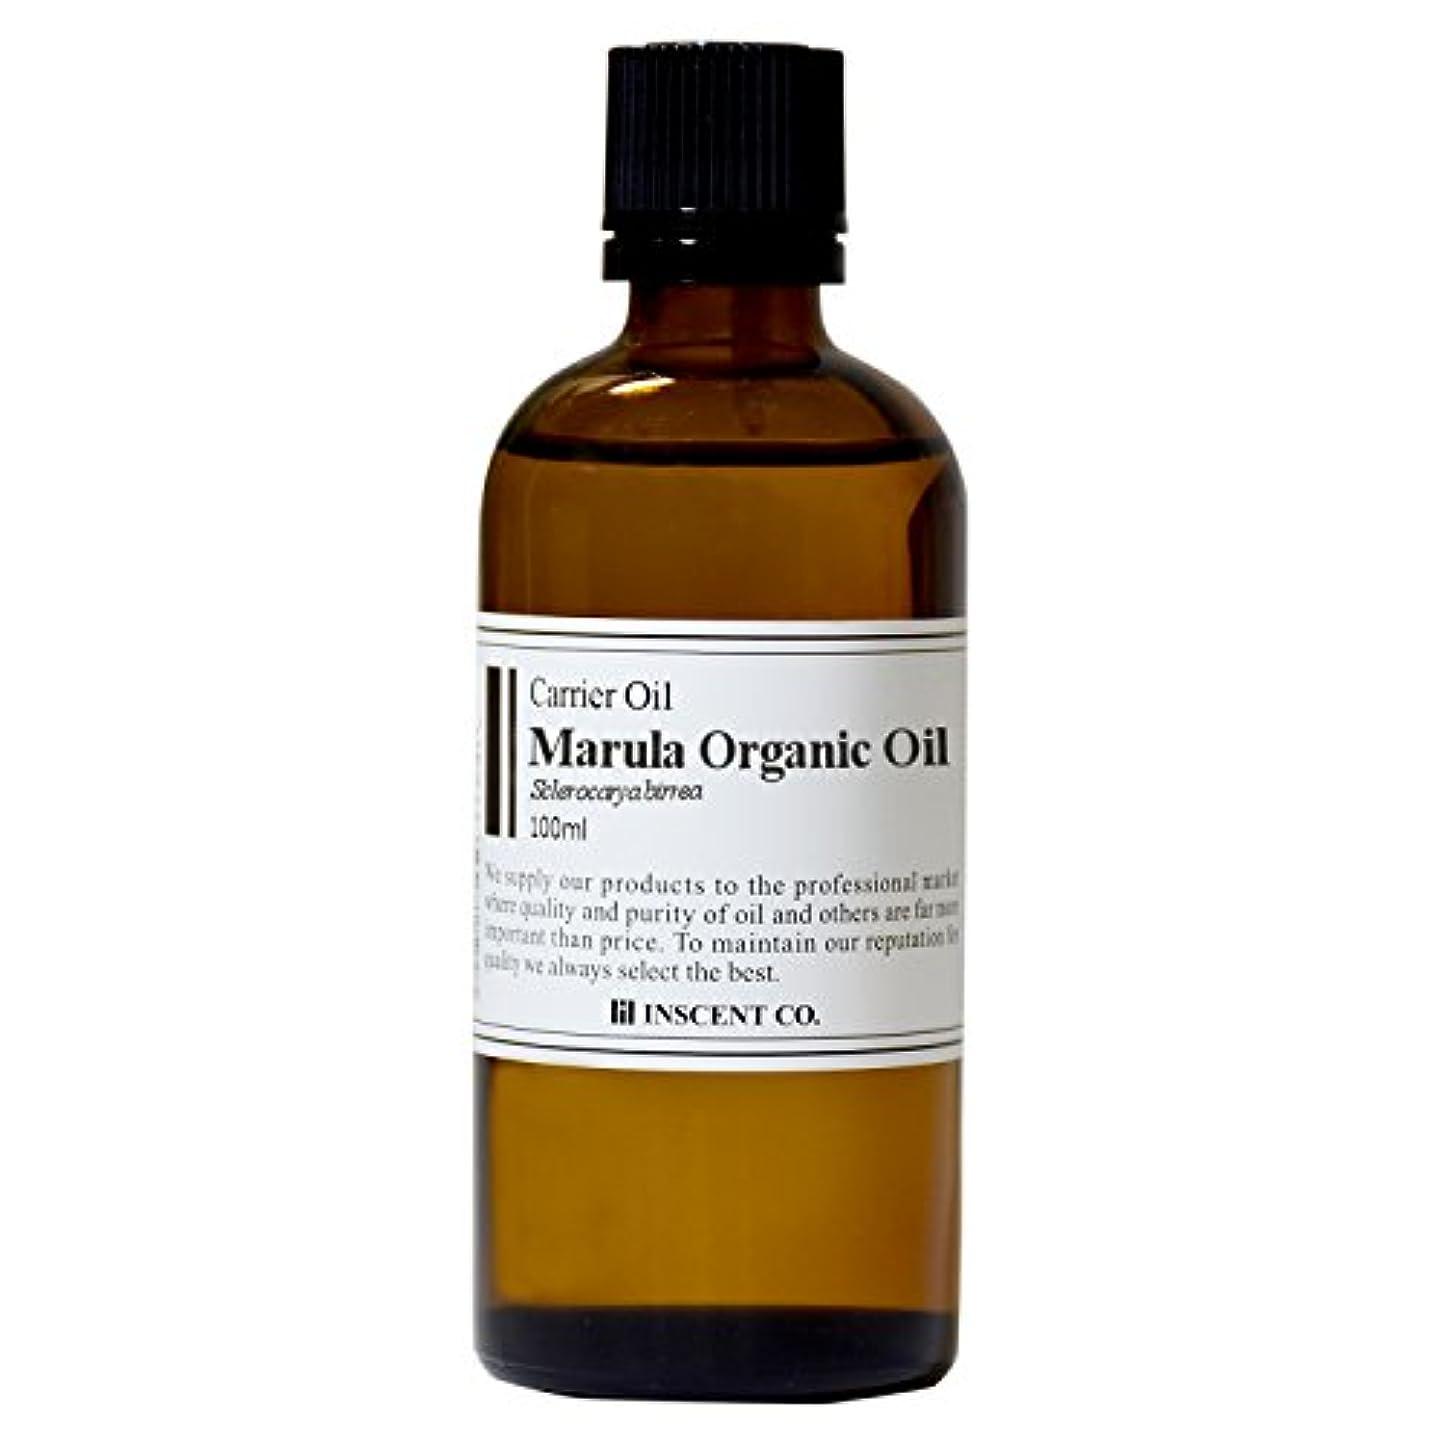 仕様世界に死んだ抽出マルラオイル (オーガニック) (未精製) 100ml Marula Organic Oil キャリアオイル (植物油/ベースオイル)